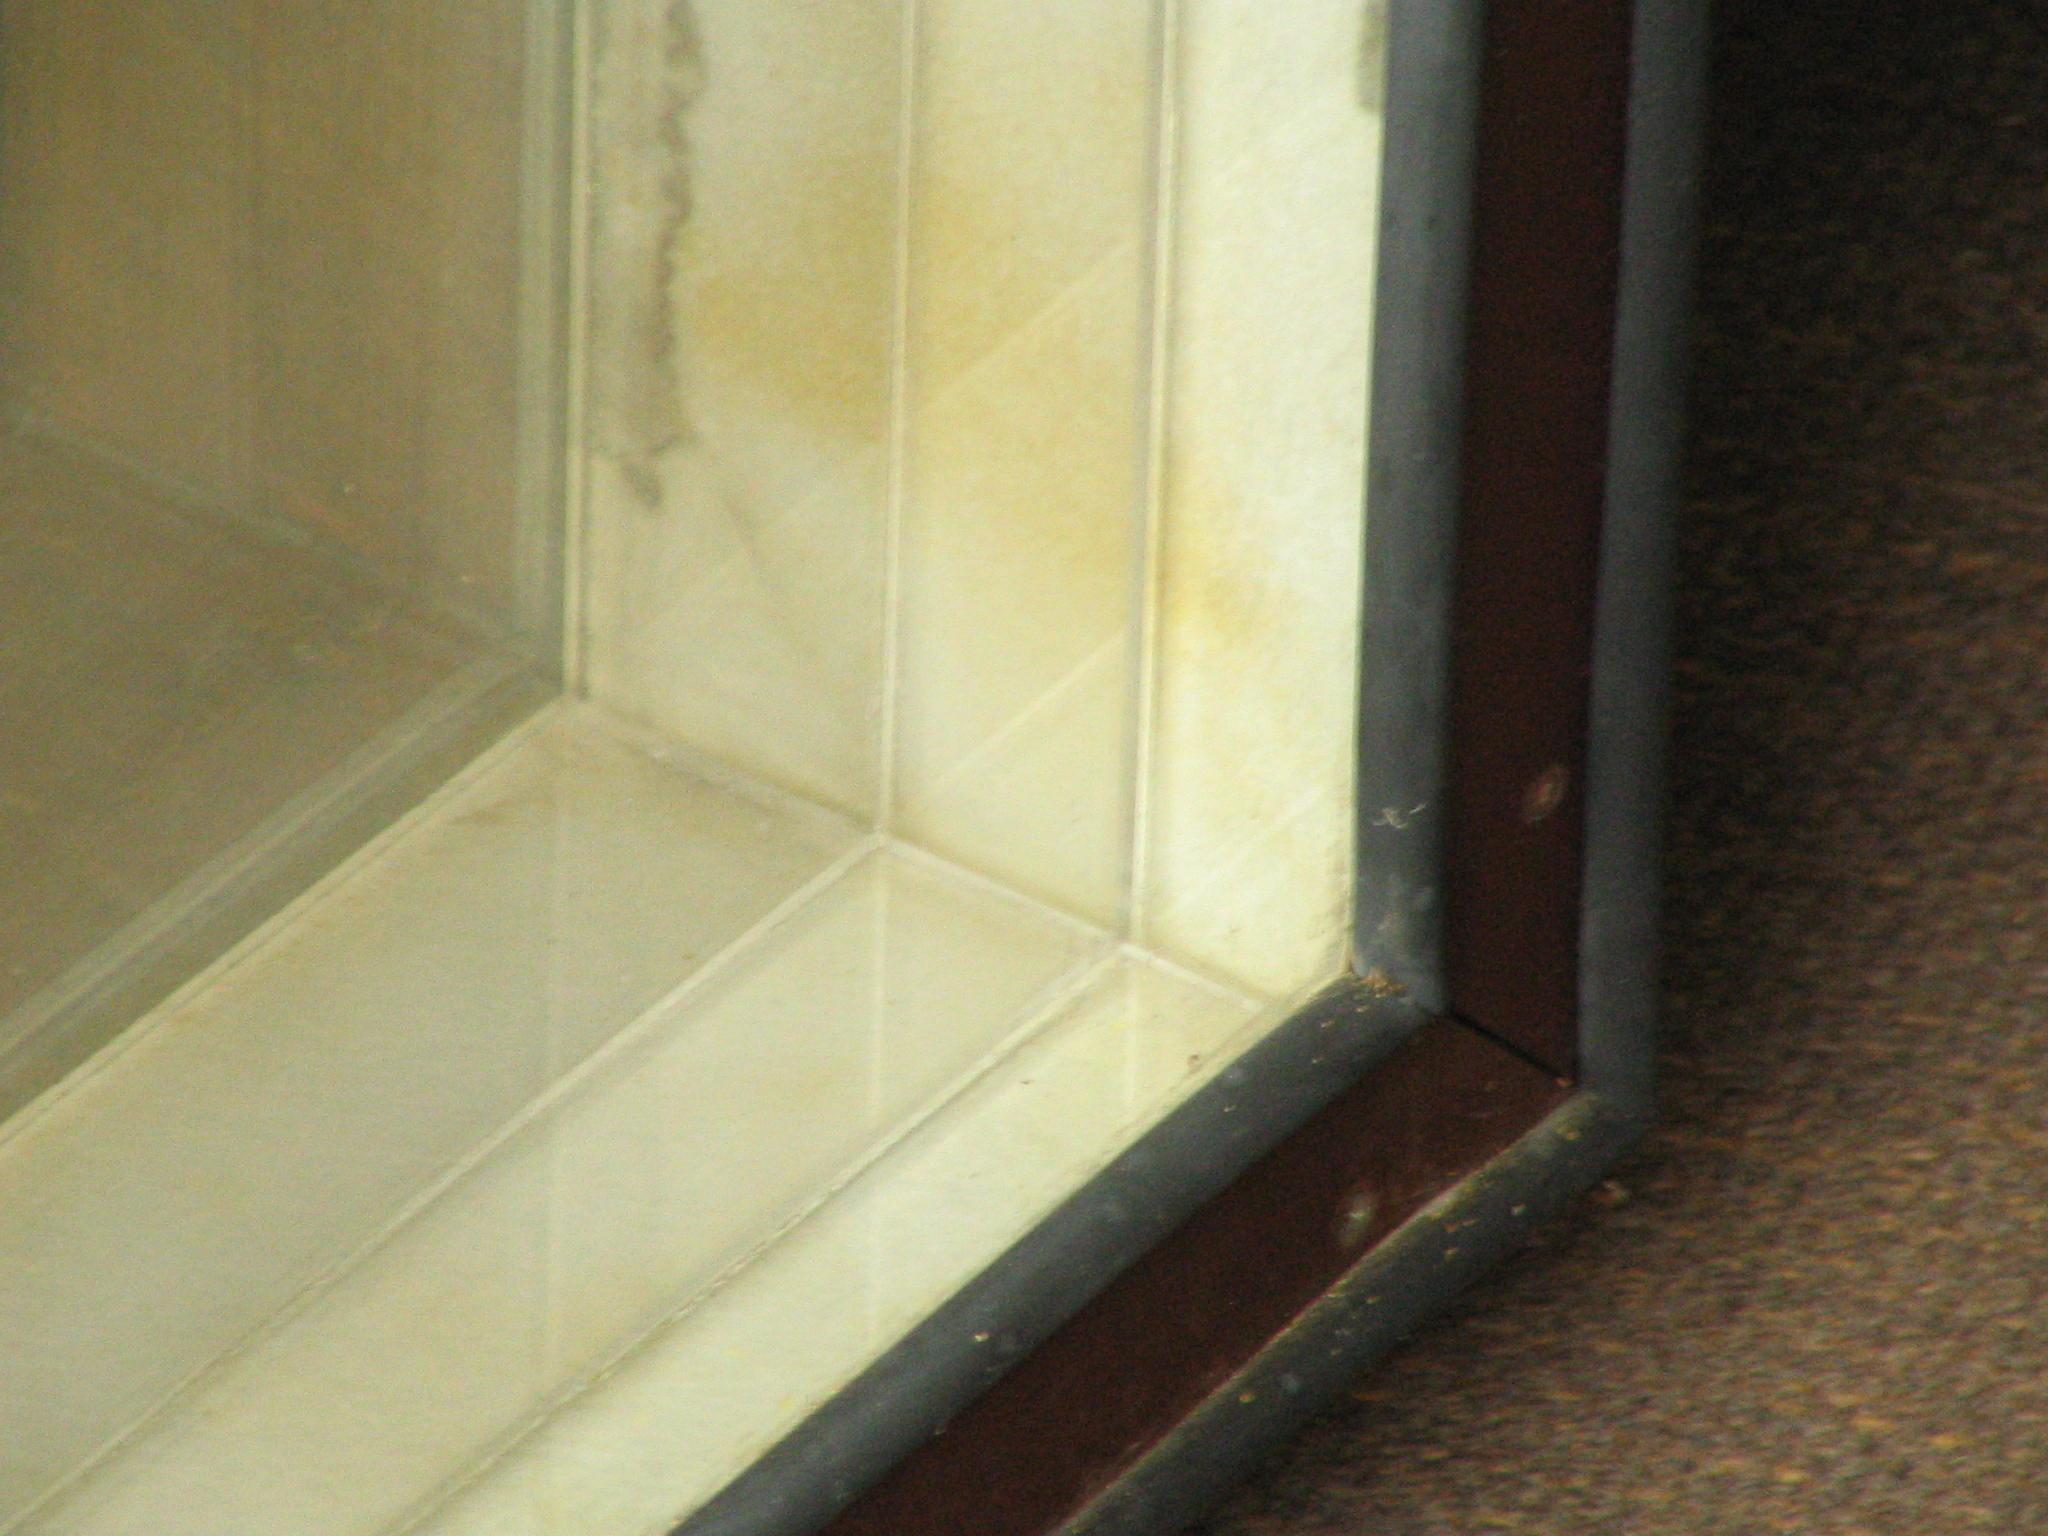 Full Size of 4 Fach Verglasung U0 Neue Fenster Kosten Sofa Garnitur 3 Teilig Putzen Sitzer Mit Relaxfunktion Gardinen Sichtschutz Regal Tiefe 30 Cm Einbruchschutz Folien Fenster Fenster 3 Fach Verglasung